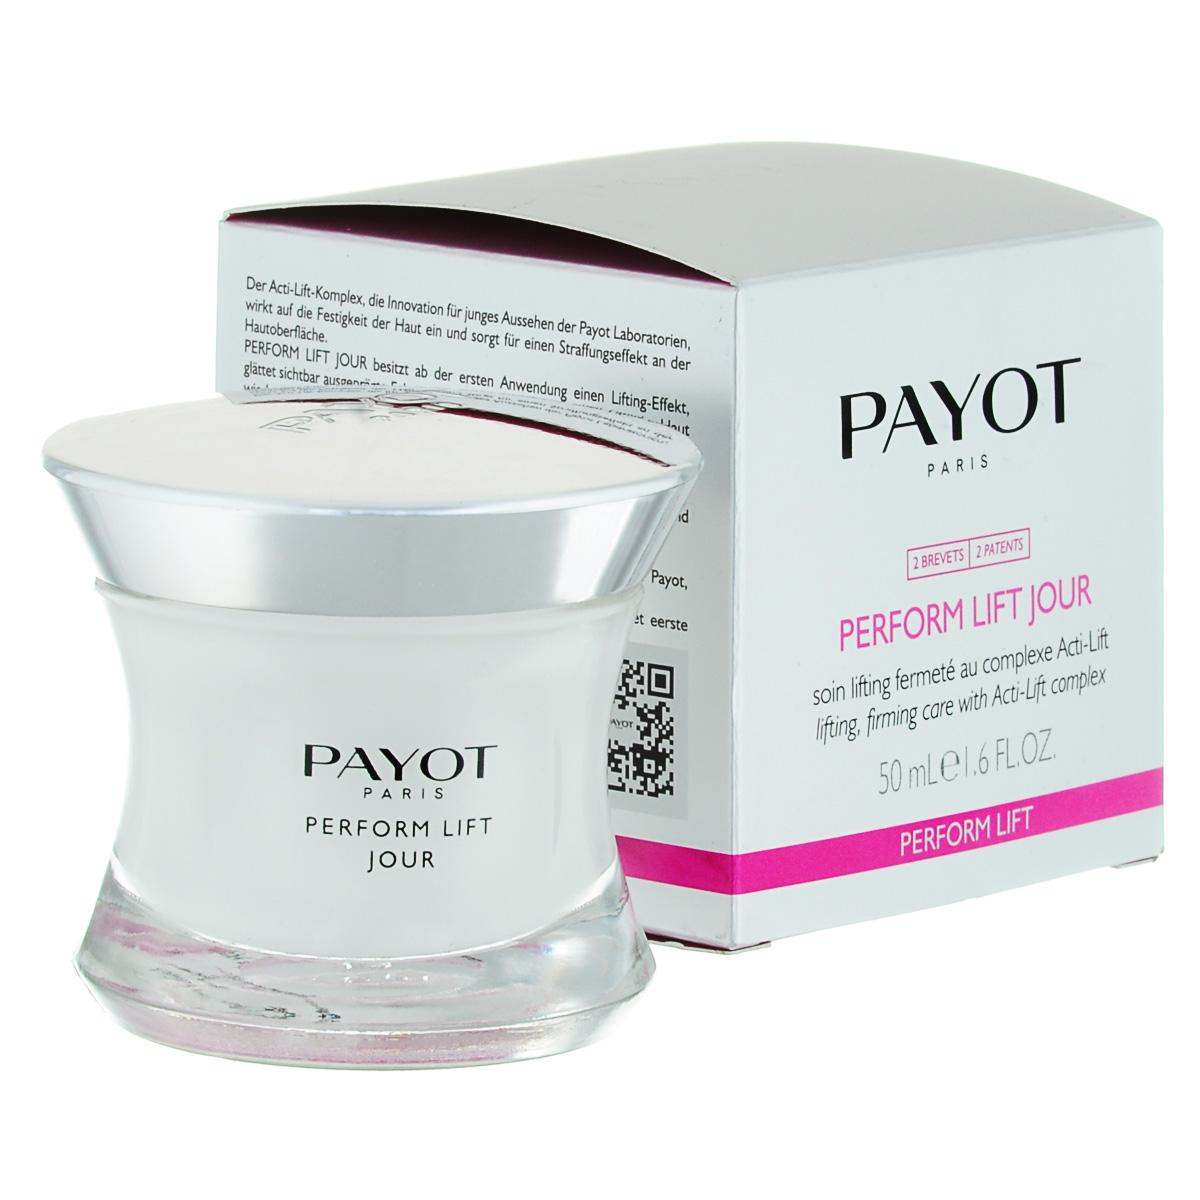 Payot Укрепляющее и подтягивающее средство Perform Lift для лица 50 мл65092093Крем подтягивает и разглаживает кожу; возвращает коже упругость и эластичность; заметно разглаживает глубокие морщины. Наносите крем утром на очищенную кожу лица.